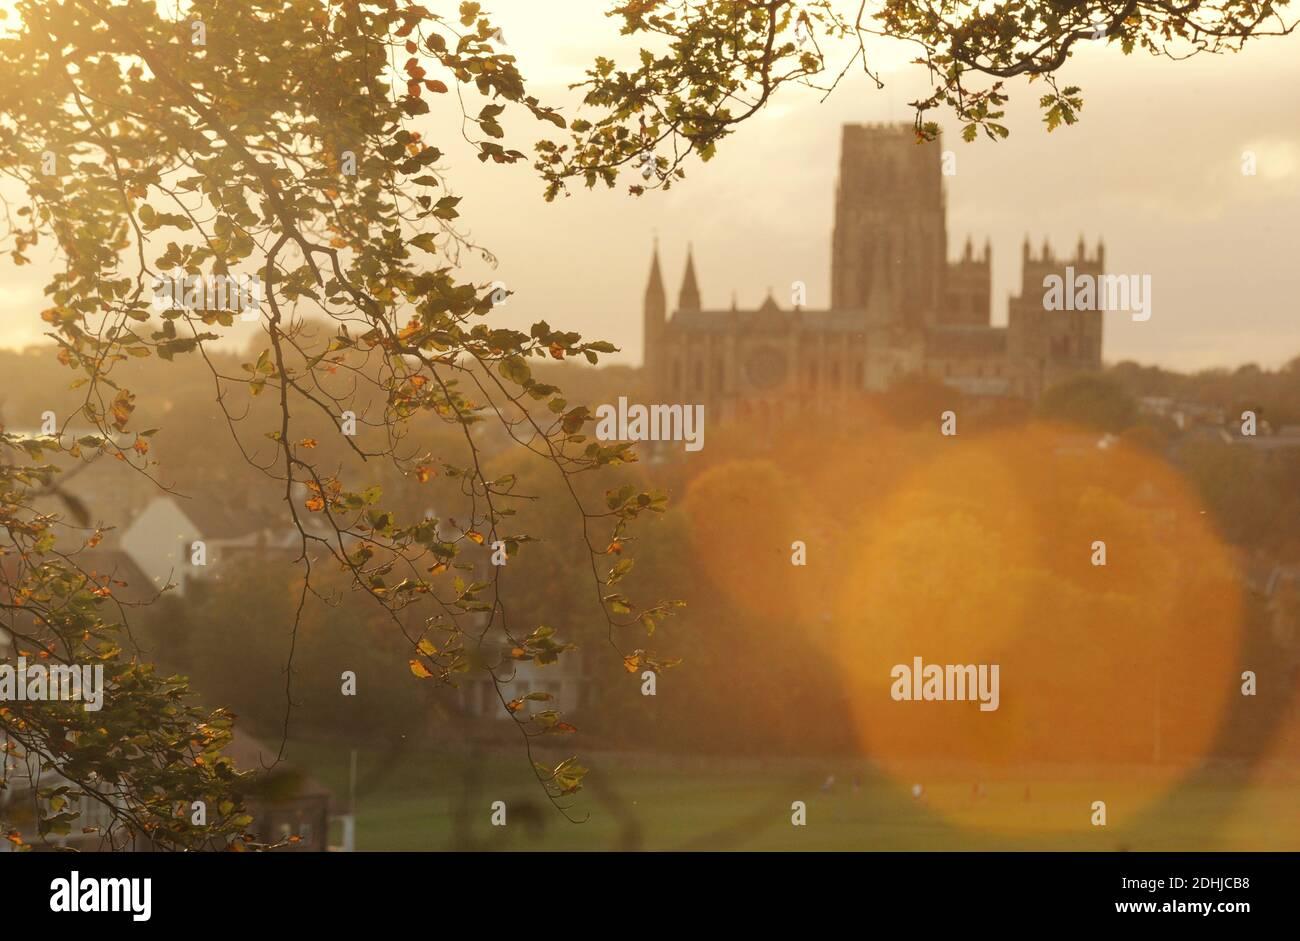 Herbstfarbe in Pelaw Woods am Ufer des Flusses Wear in Durham City. Bild zeigt Durham Cathedral Bild aufgenommen am 16. Oktober 2020 Stockfoto